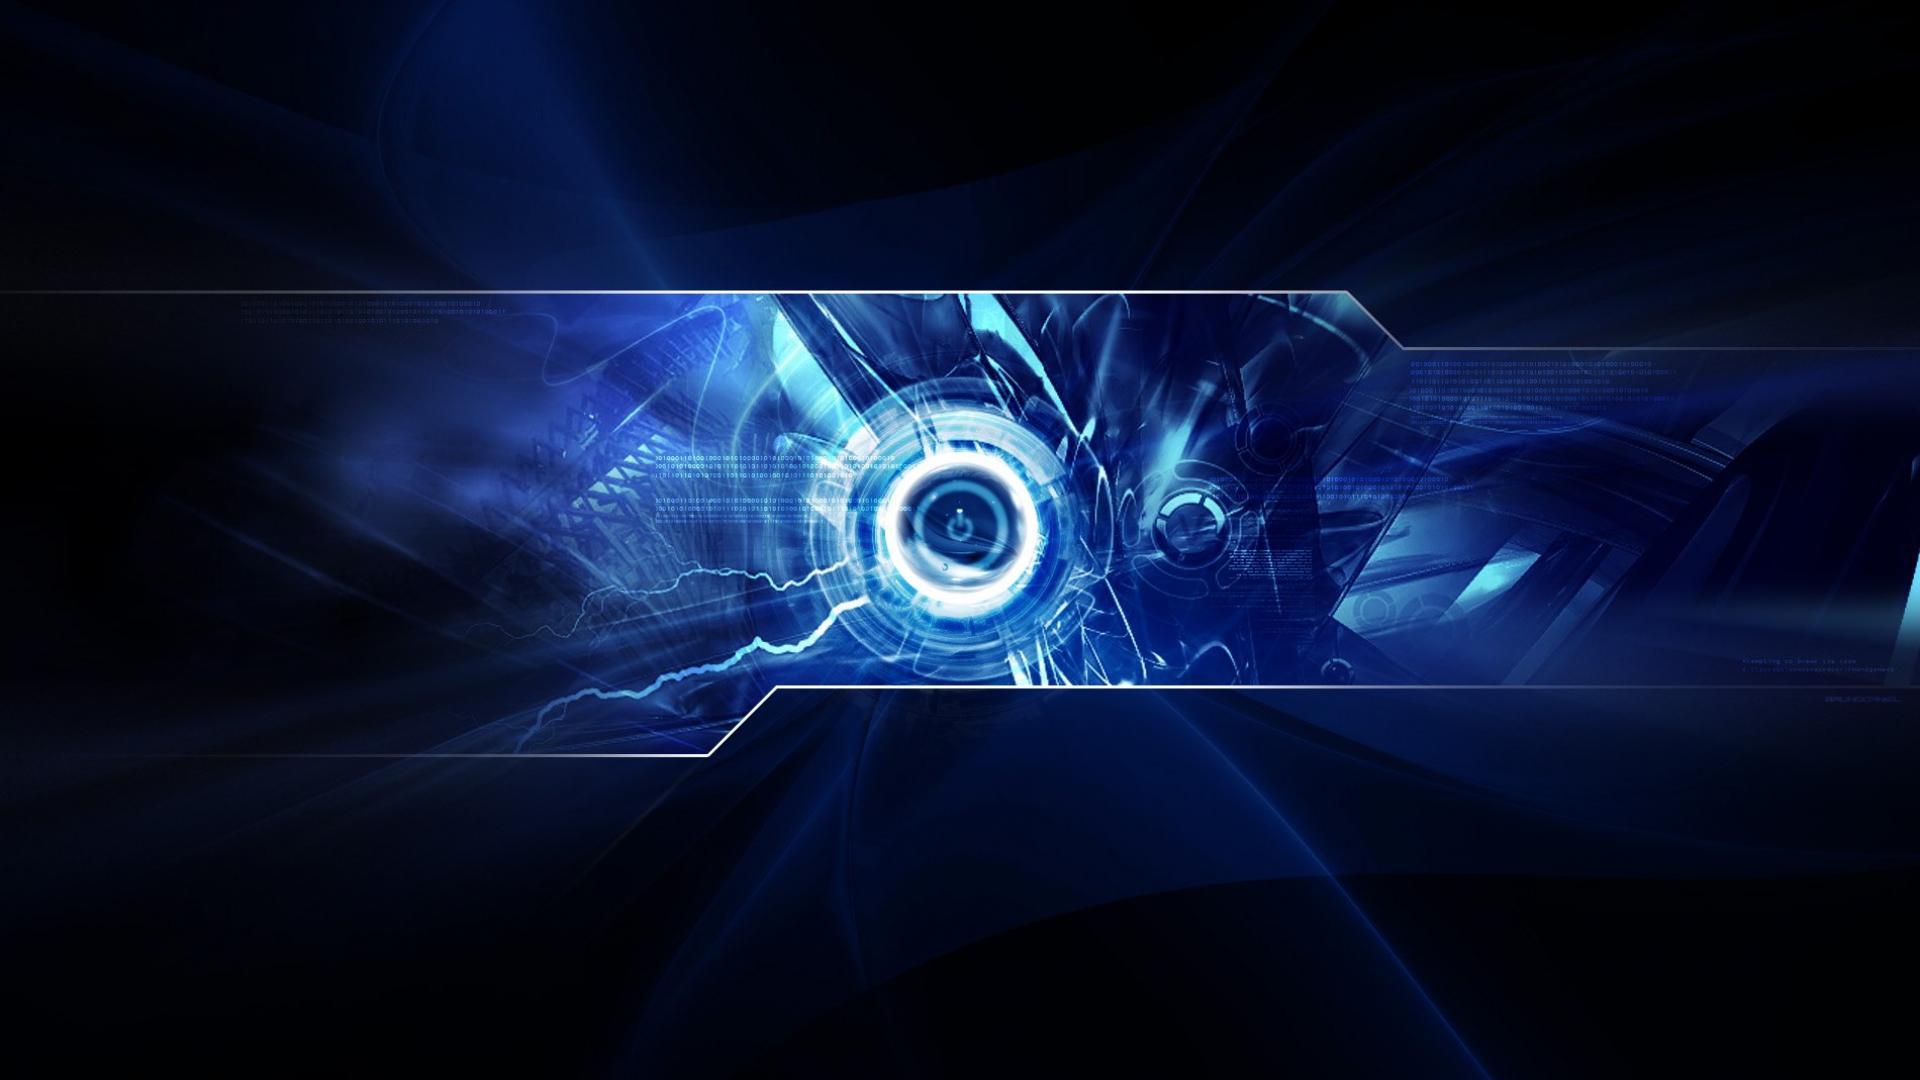 Digital Blue Computer Backgrounds